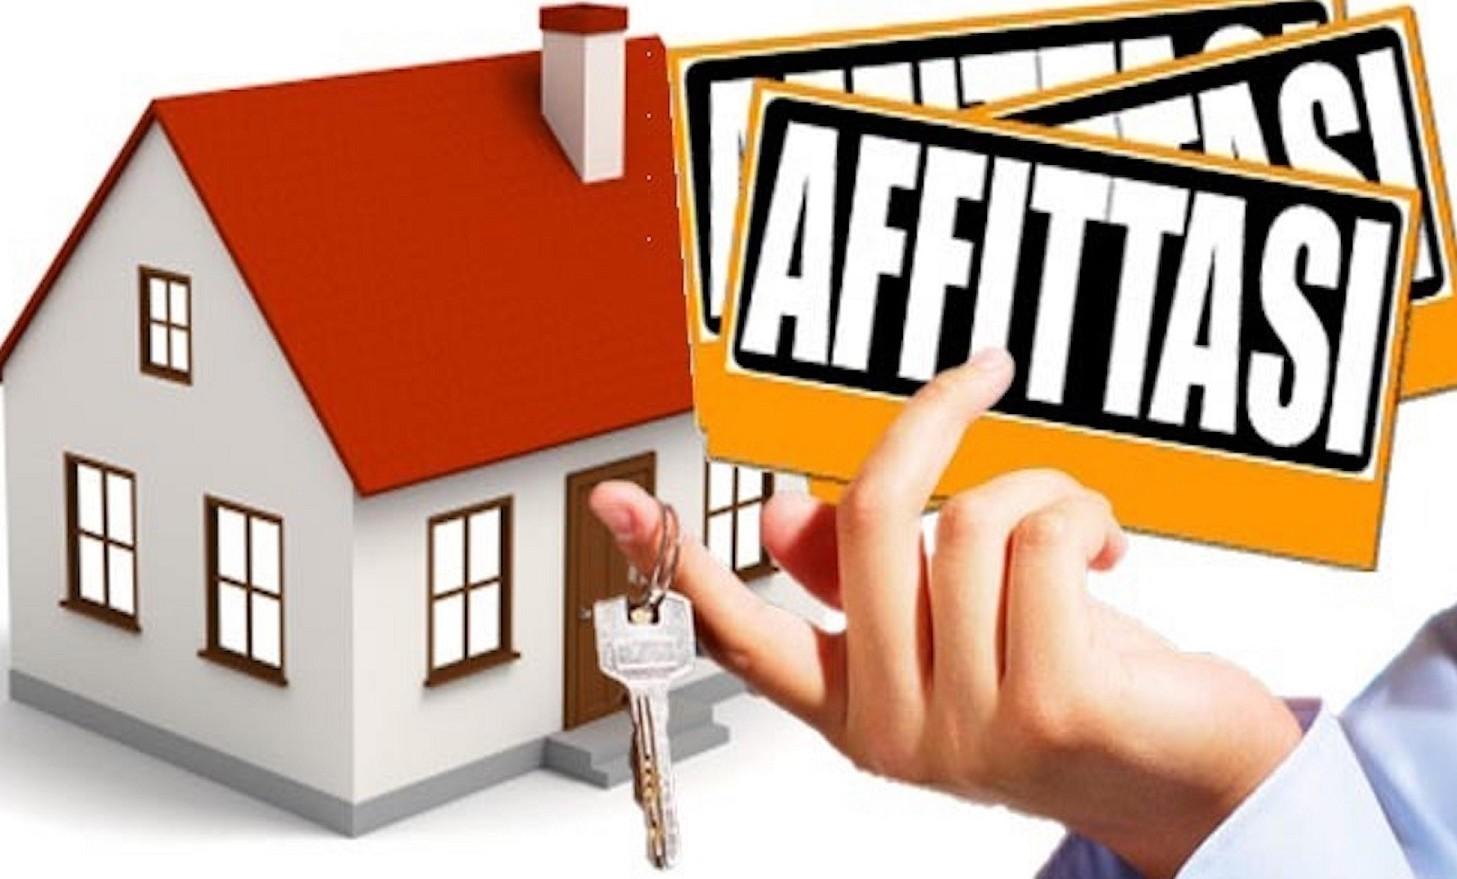 Affitto breve 2019-2020 quando può essere vietato dal condominio oppure non è permesso